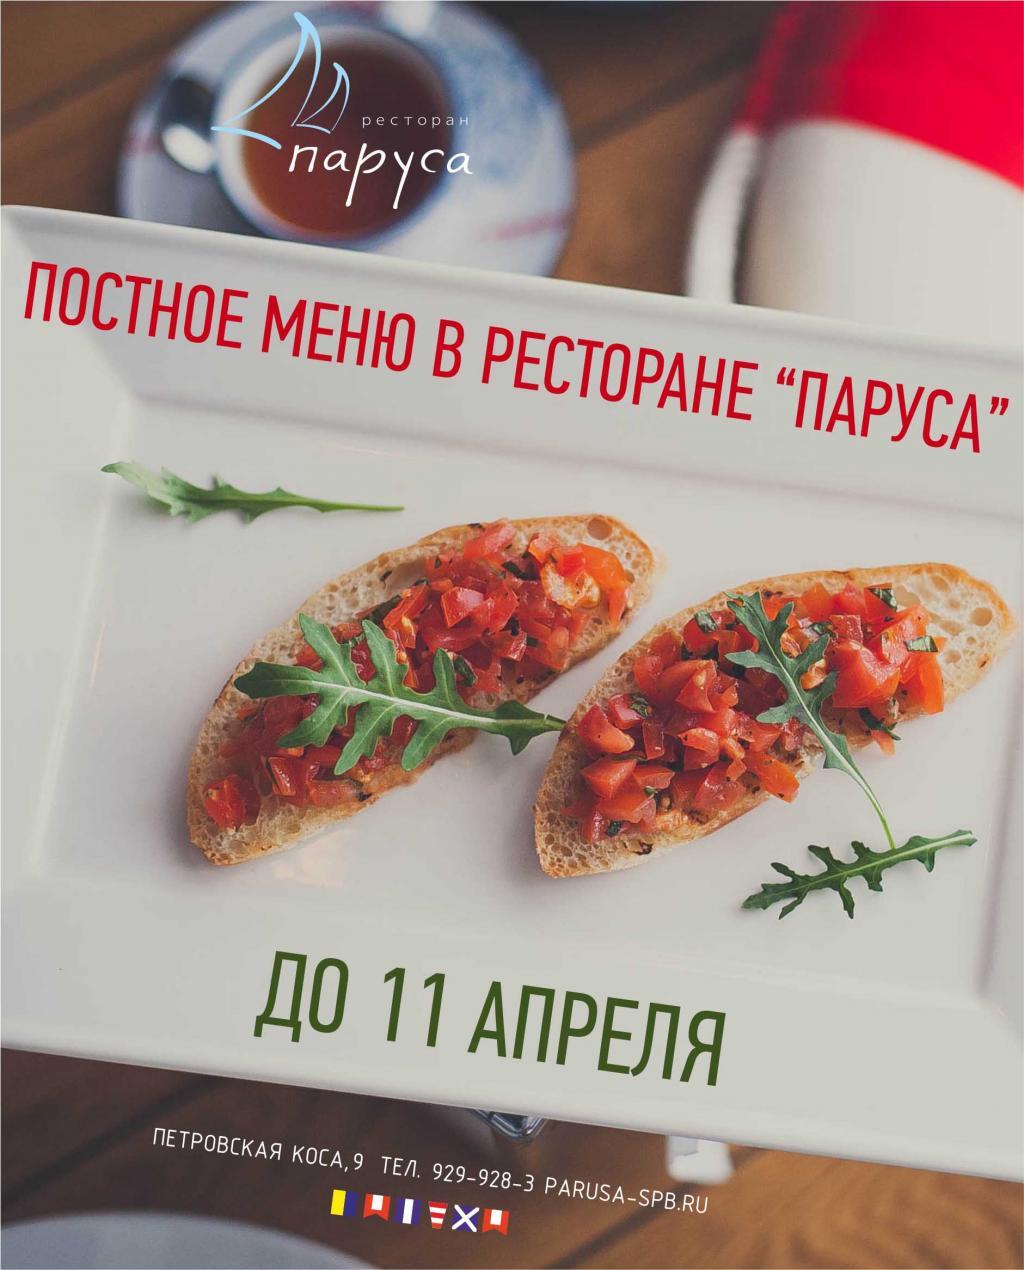 Постное меню в Парусах